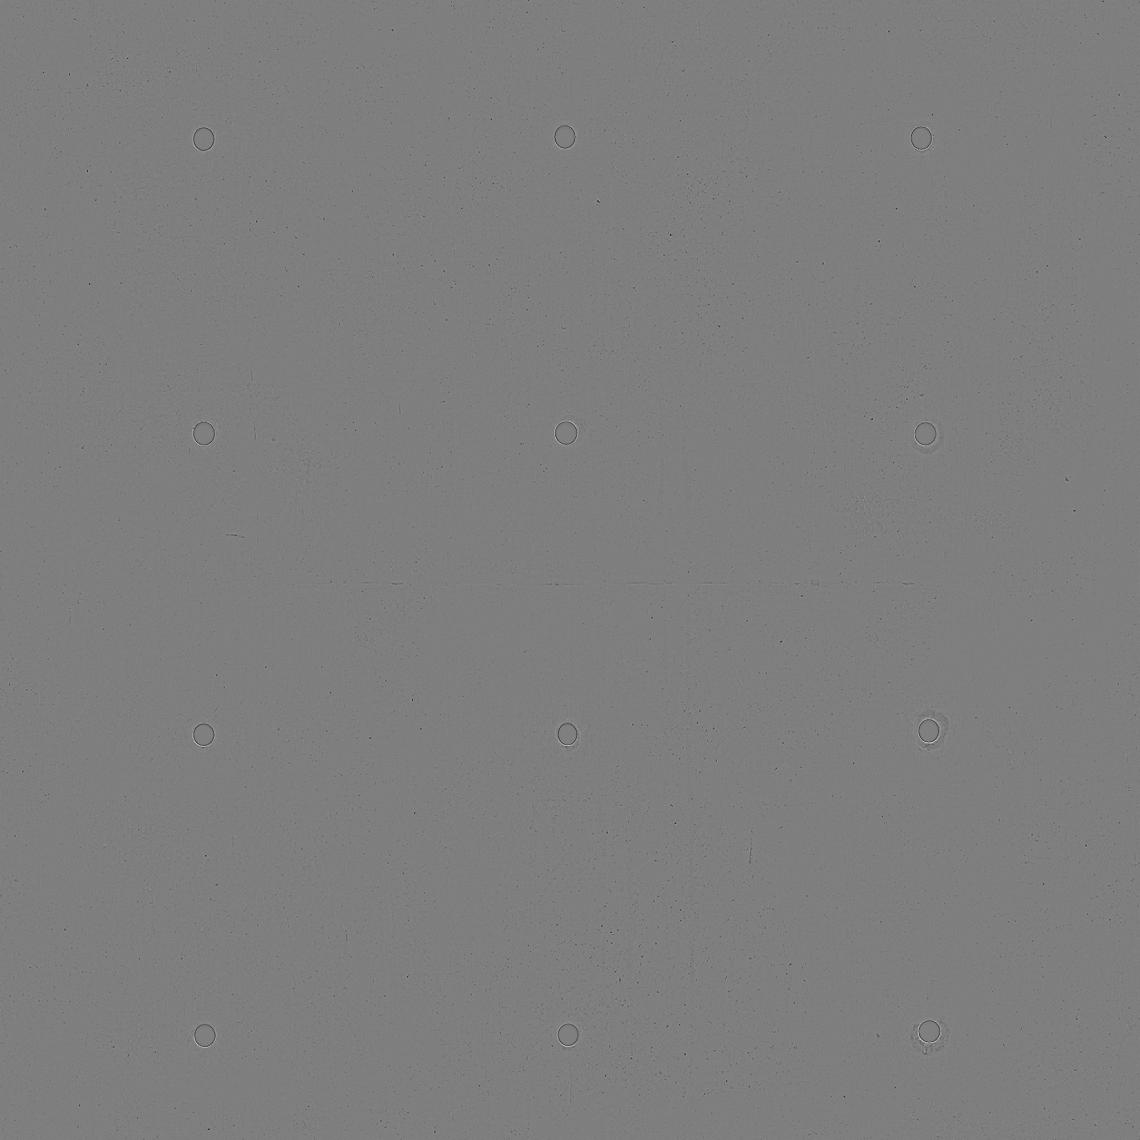 Plain-Concrete-01-Curvature